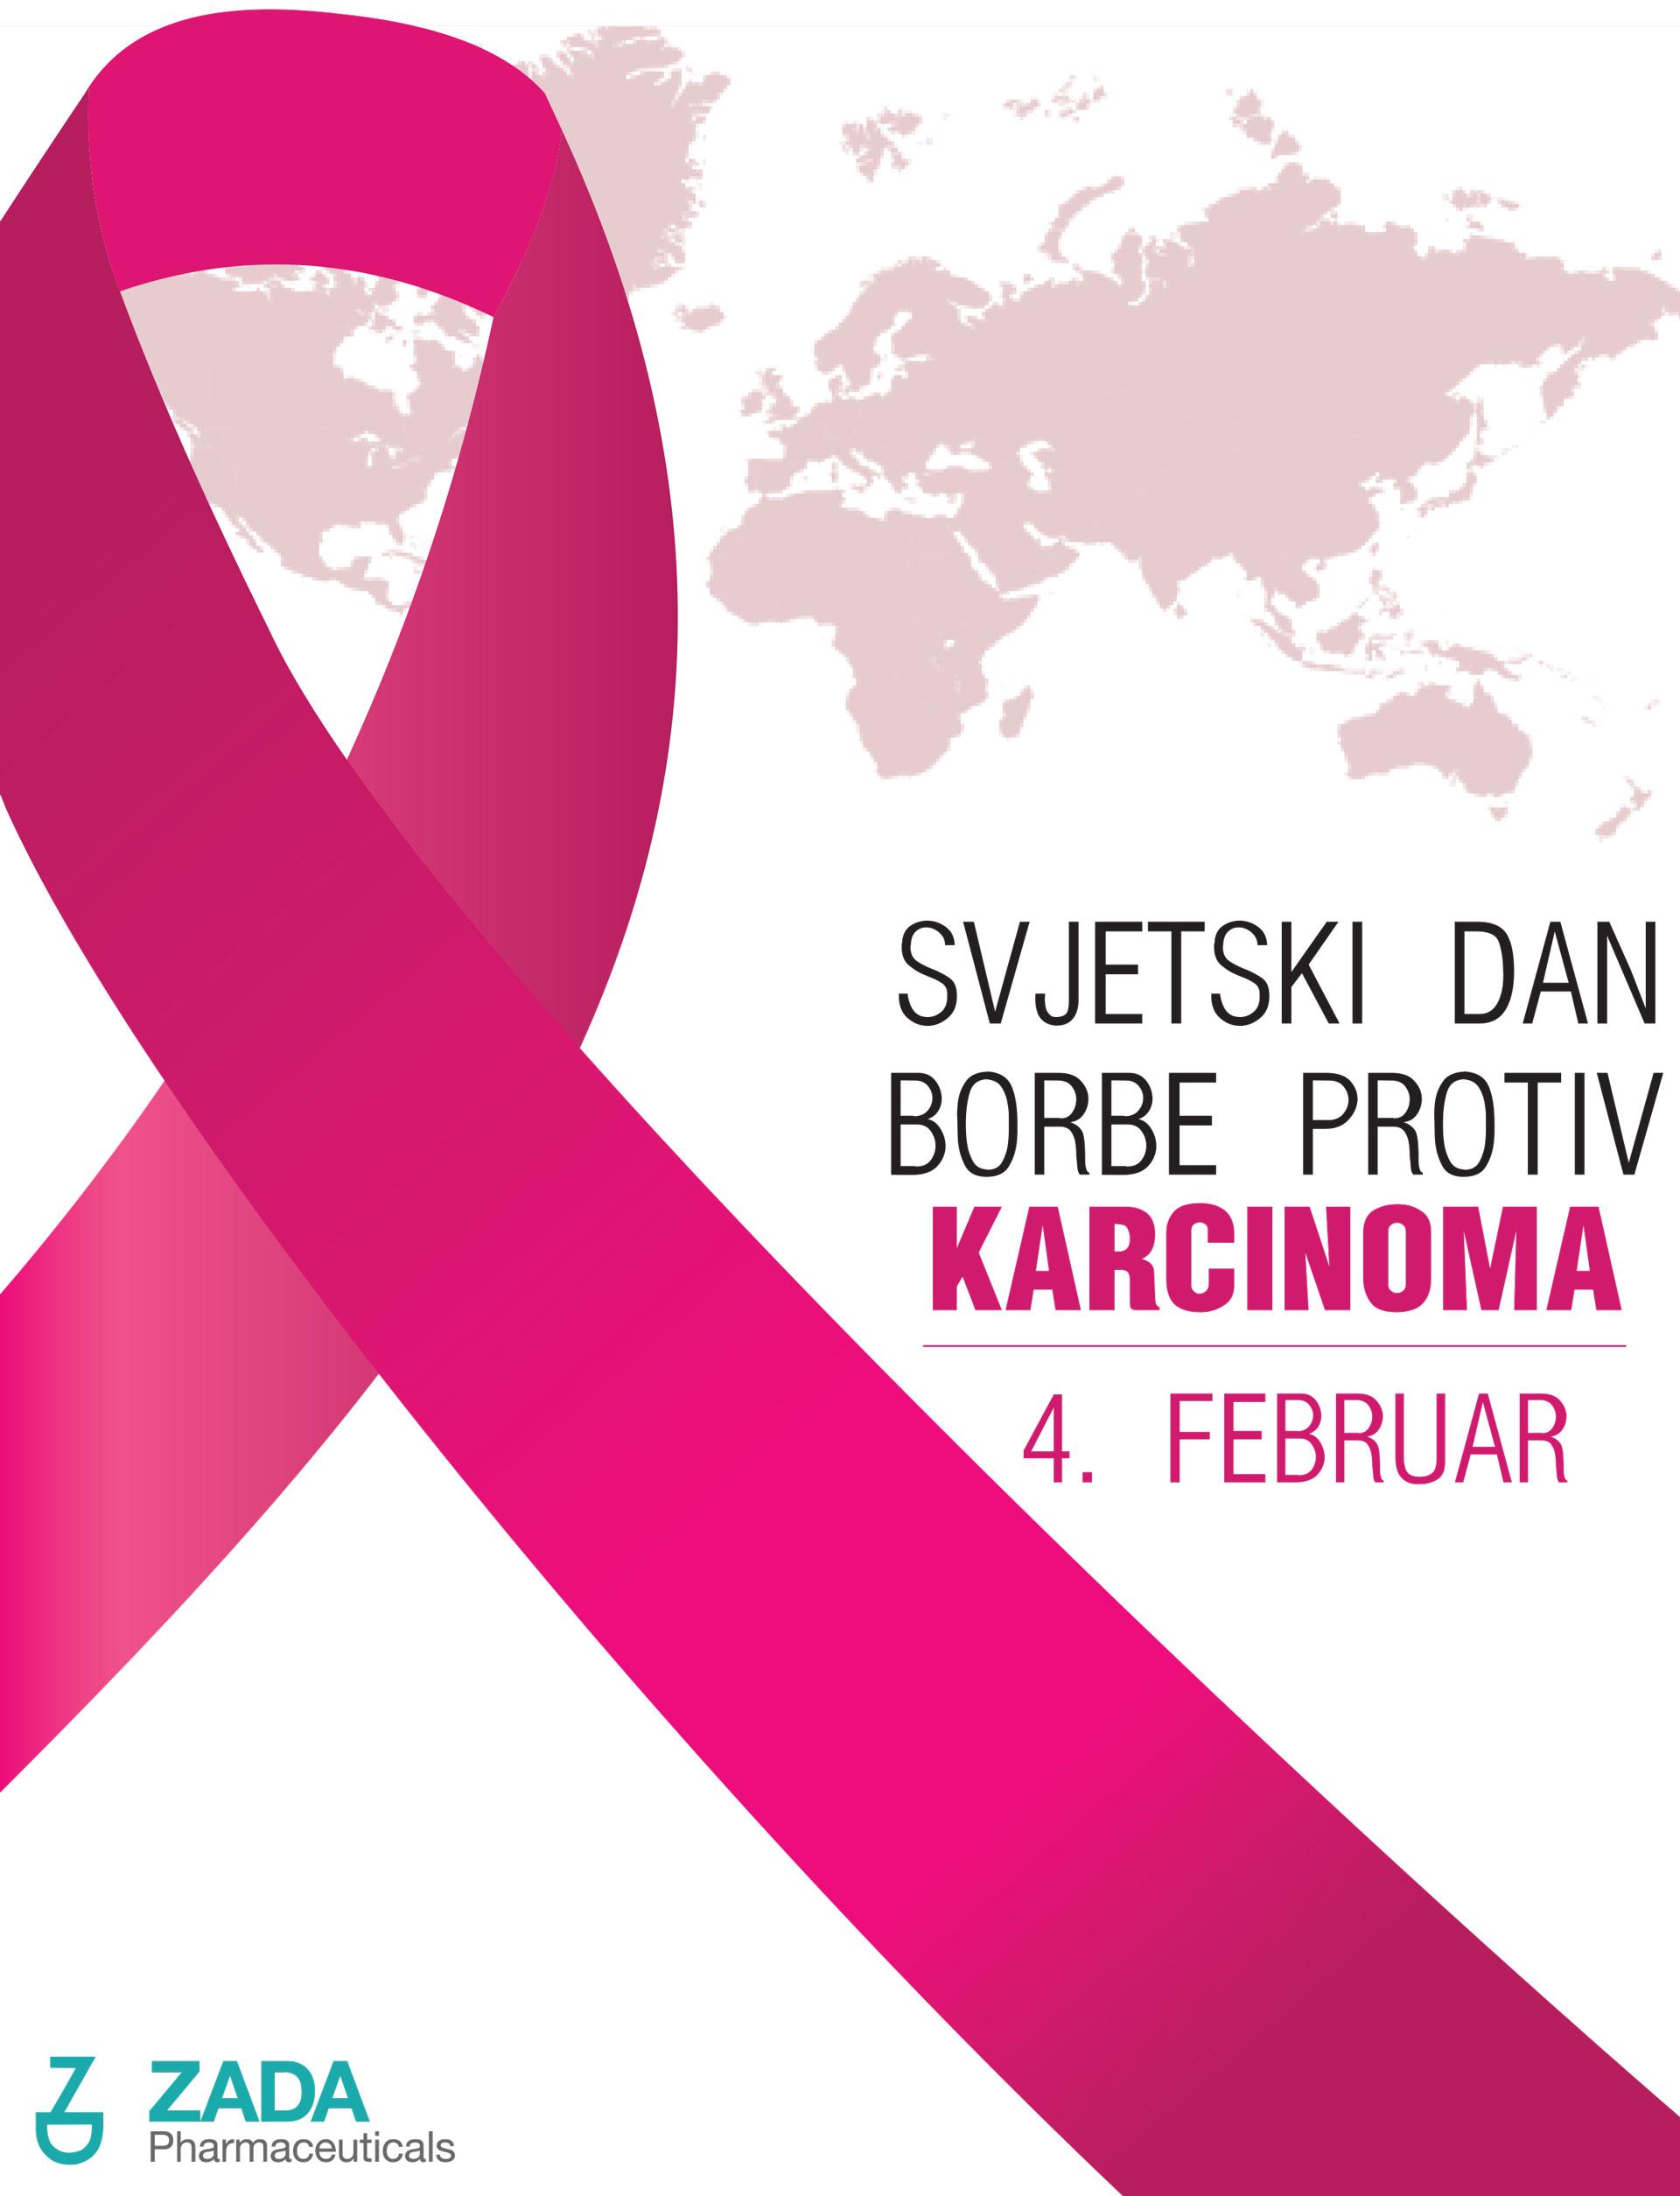 Svjetski dan borbe protiv karcinoma – 4. februar